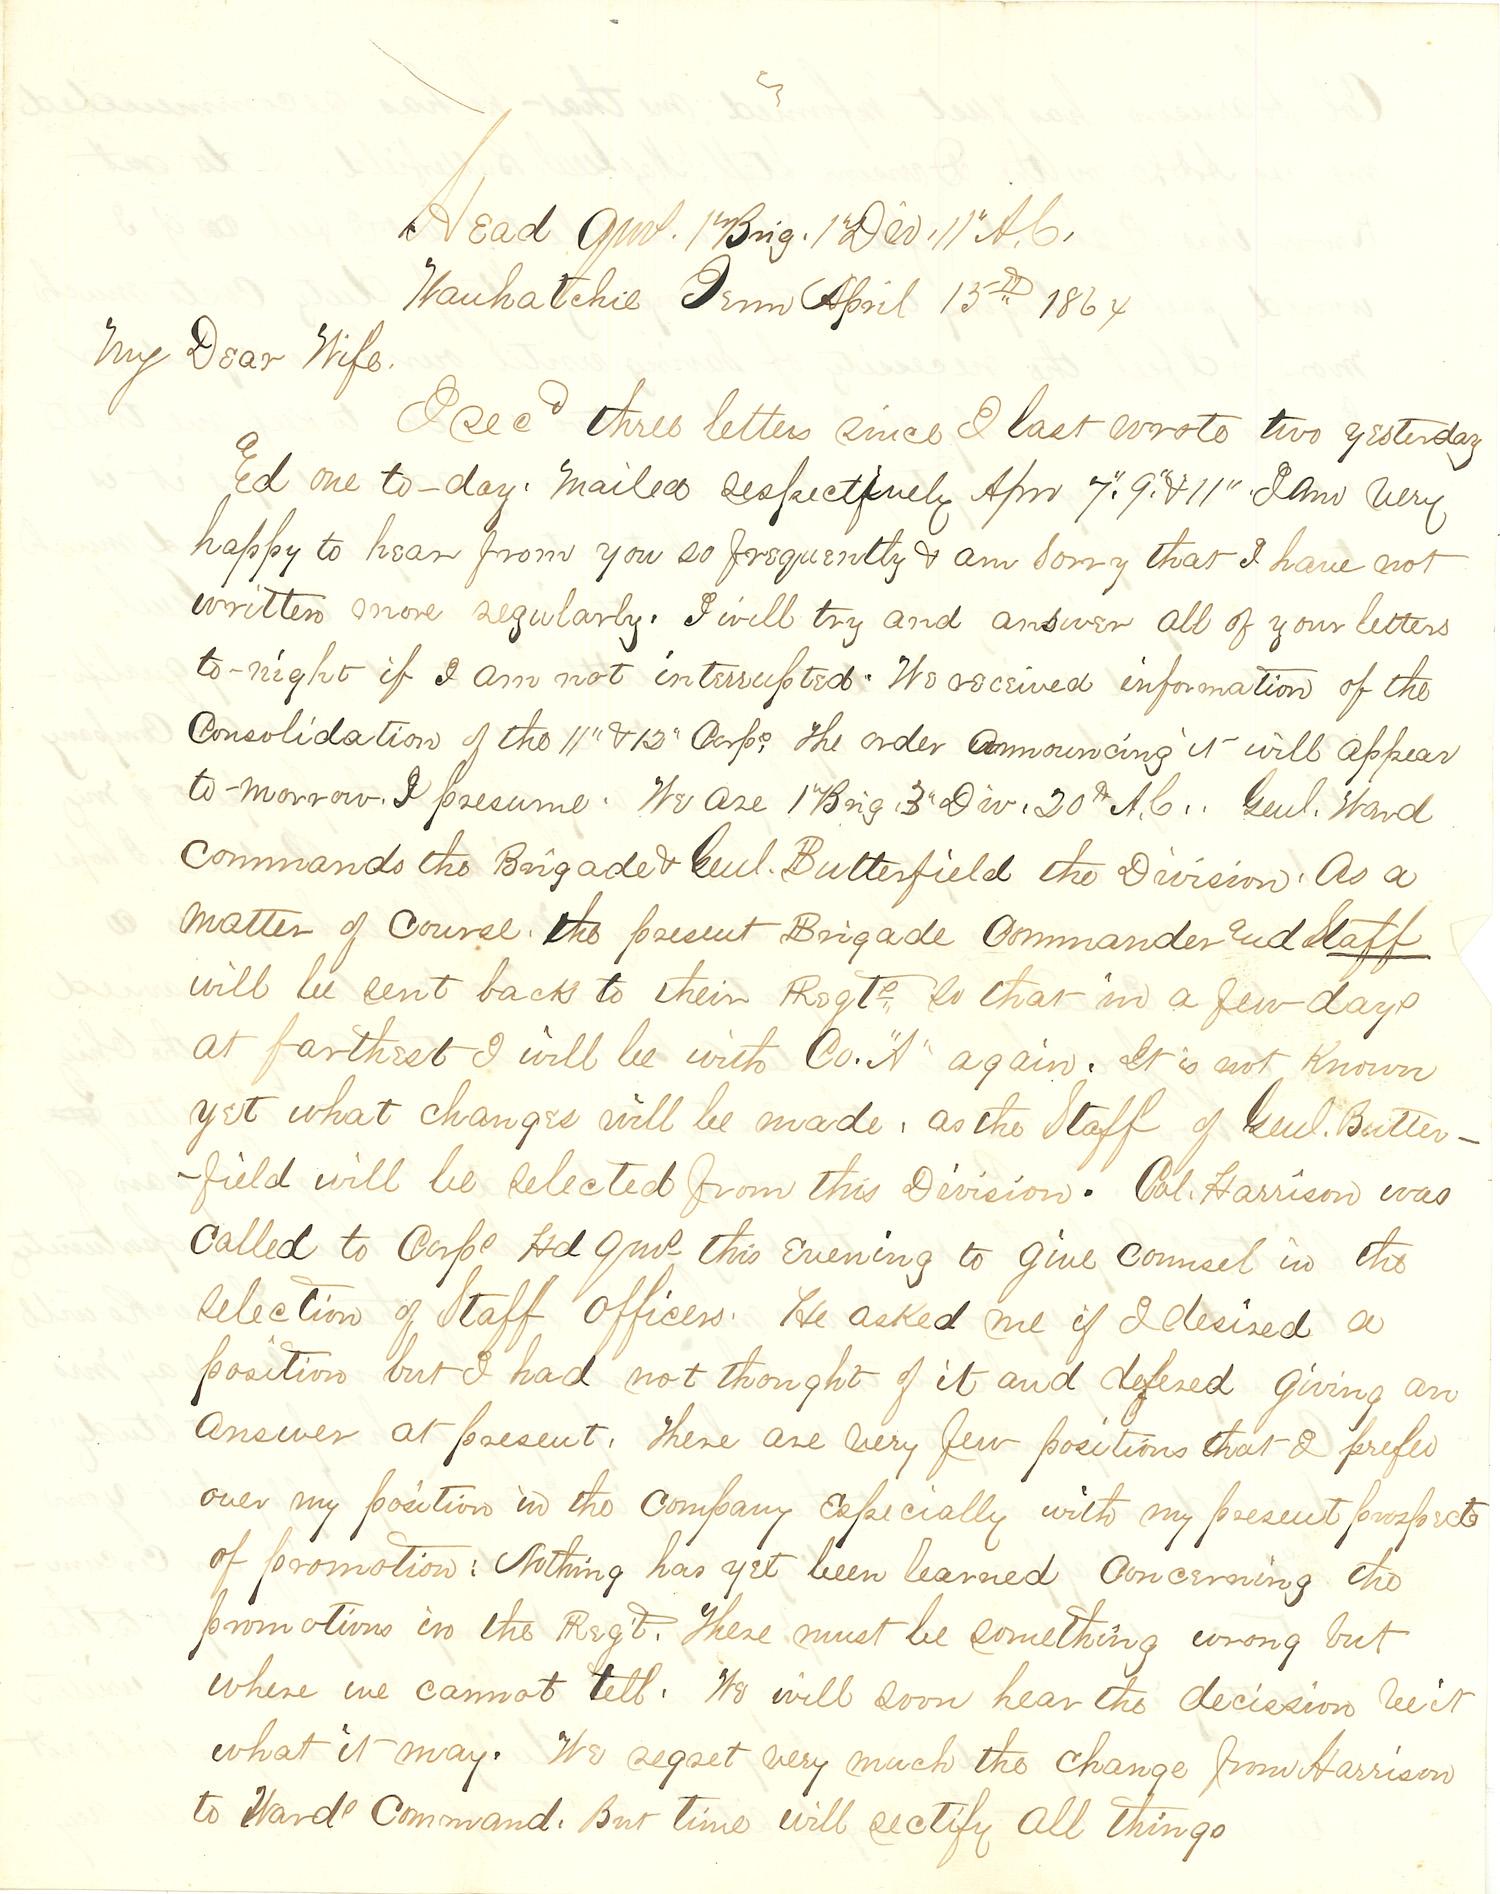 Joseph Culver Letter, April 15, 1864, Page 1